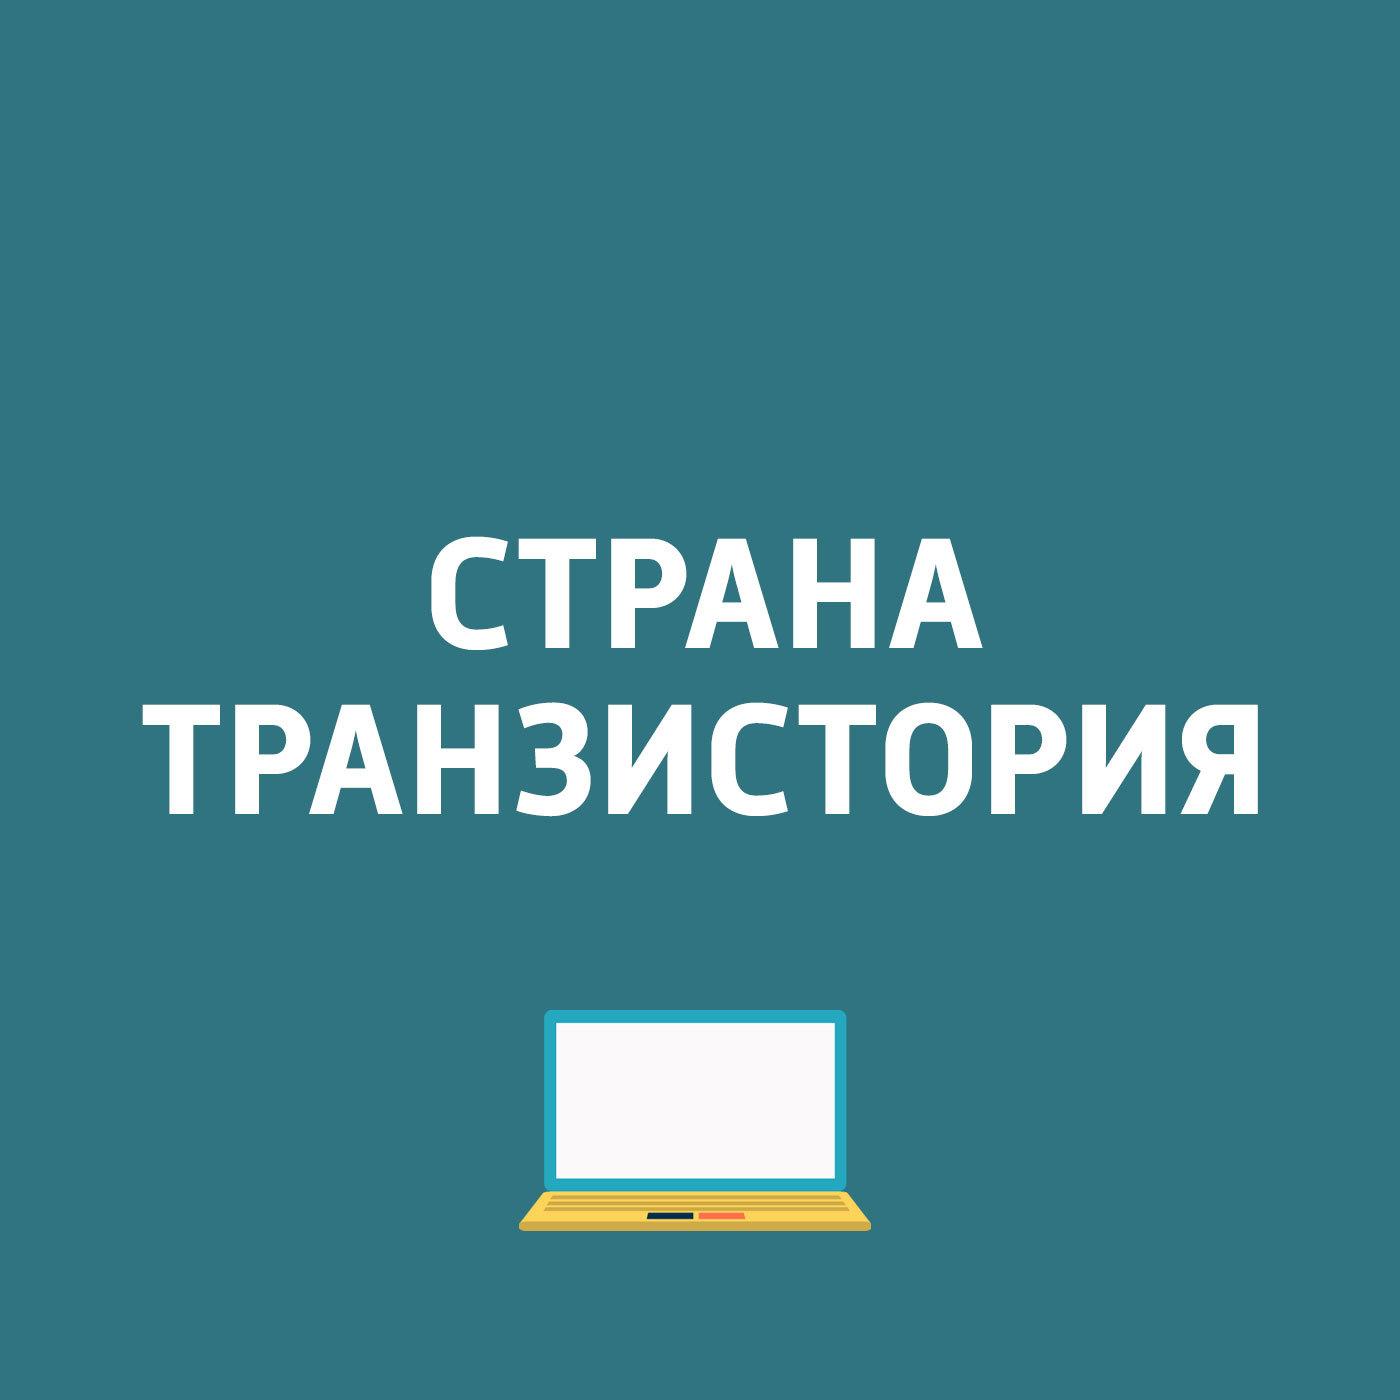 Картаев Павел Вышло обновление ОС для iPhone и iPad iOS 10. iPhone 7 Plus оказался популярнее iPhone 7 jyss белый iphone 77 plus